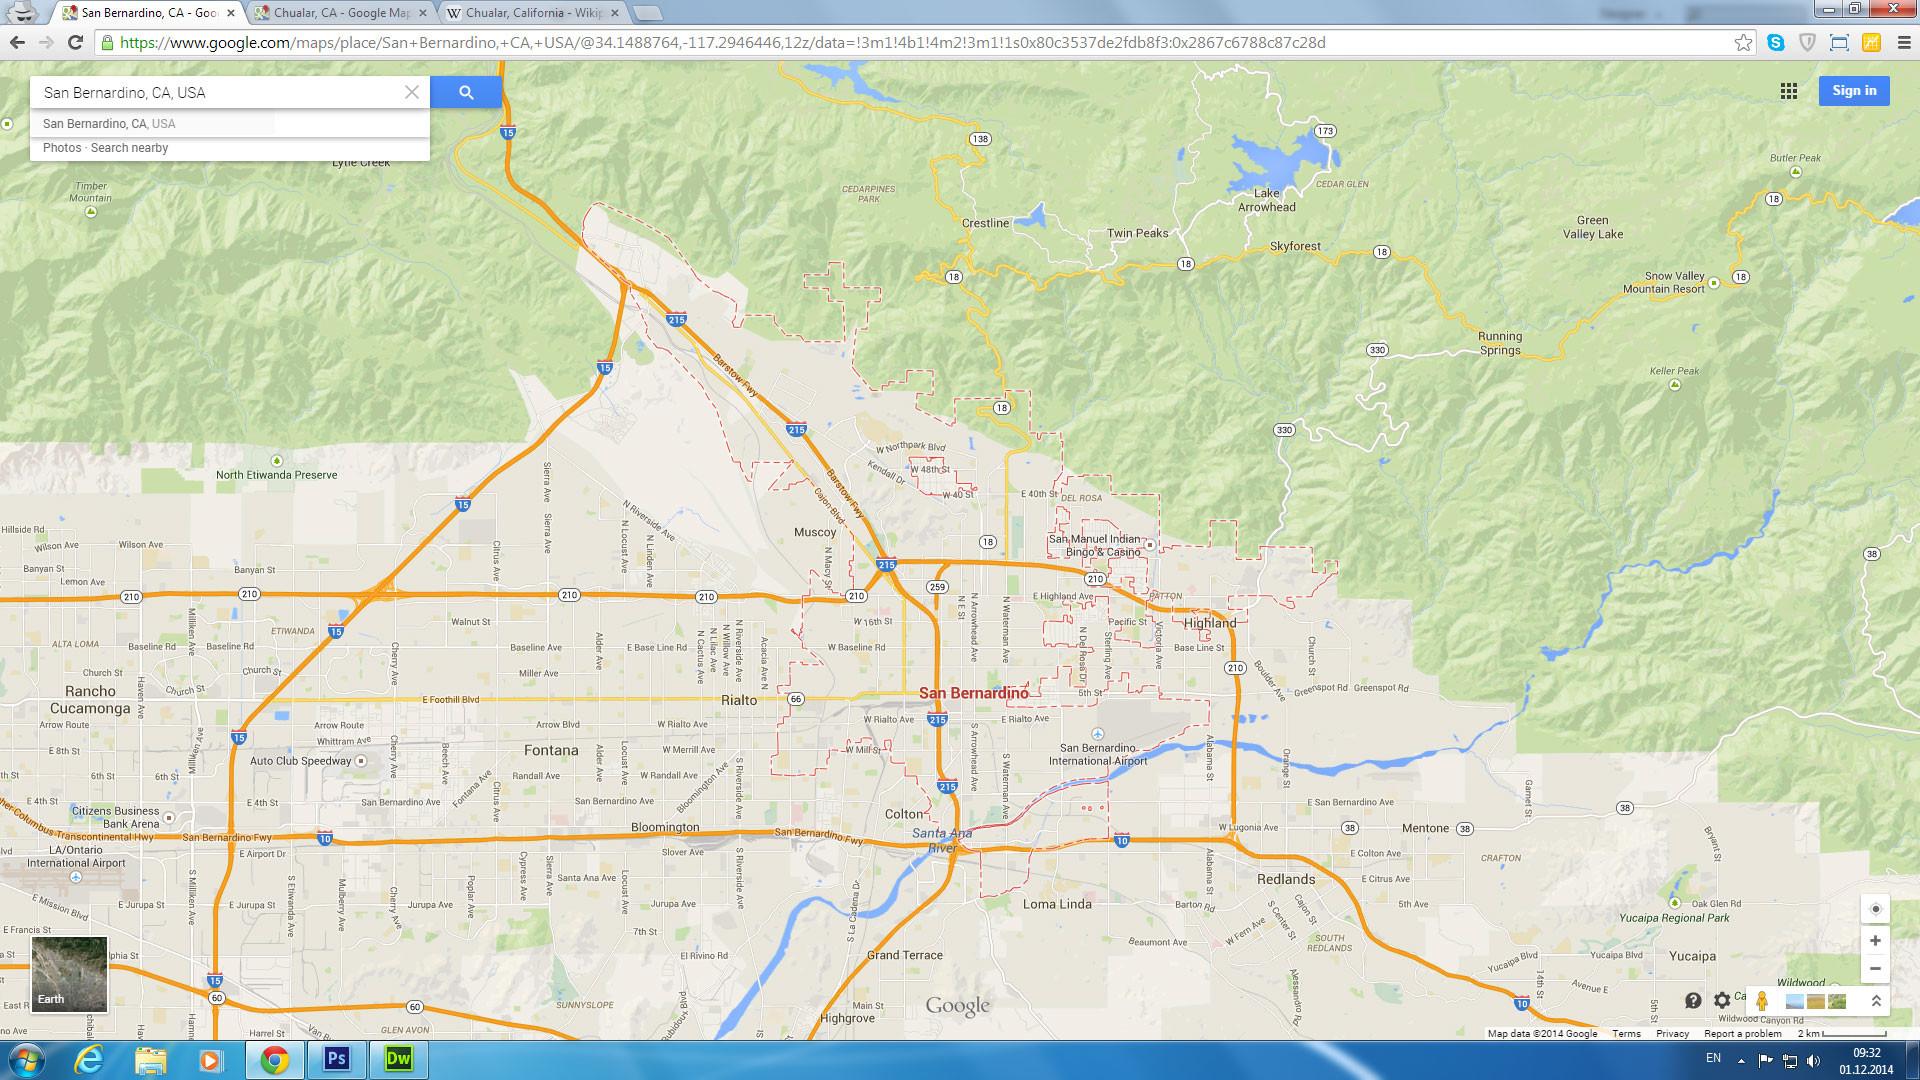 Fremont Ca Google Map Best Of Twin Peaks California Map - Twin Peaks California Map